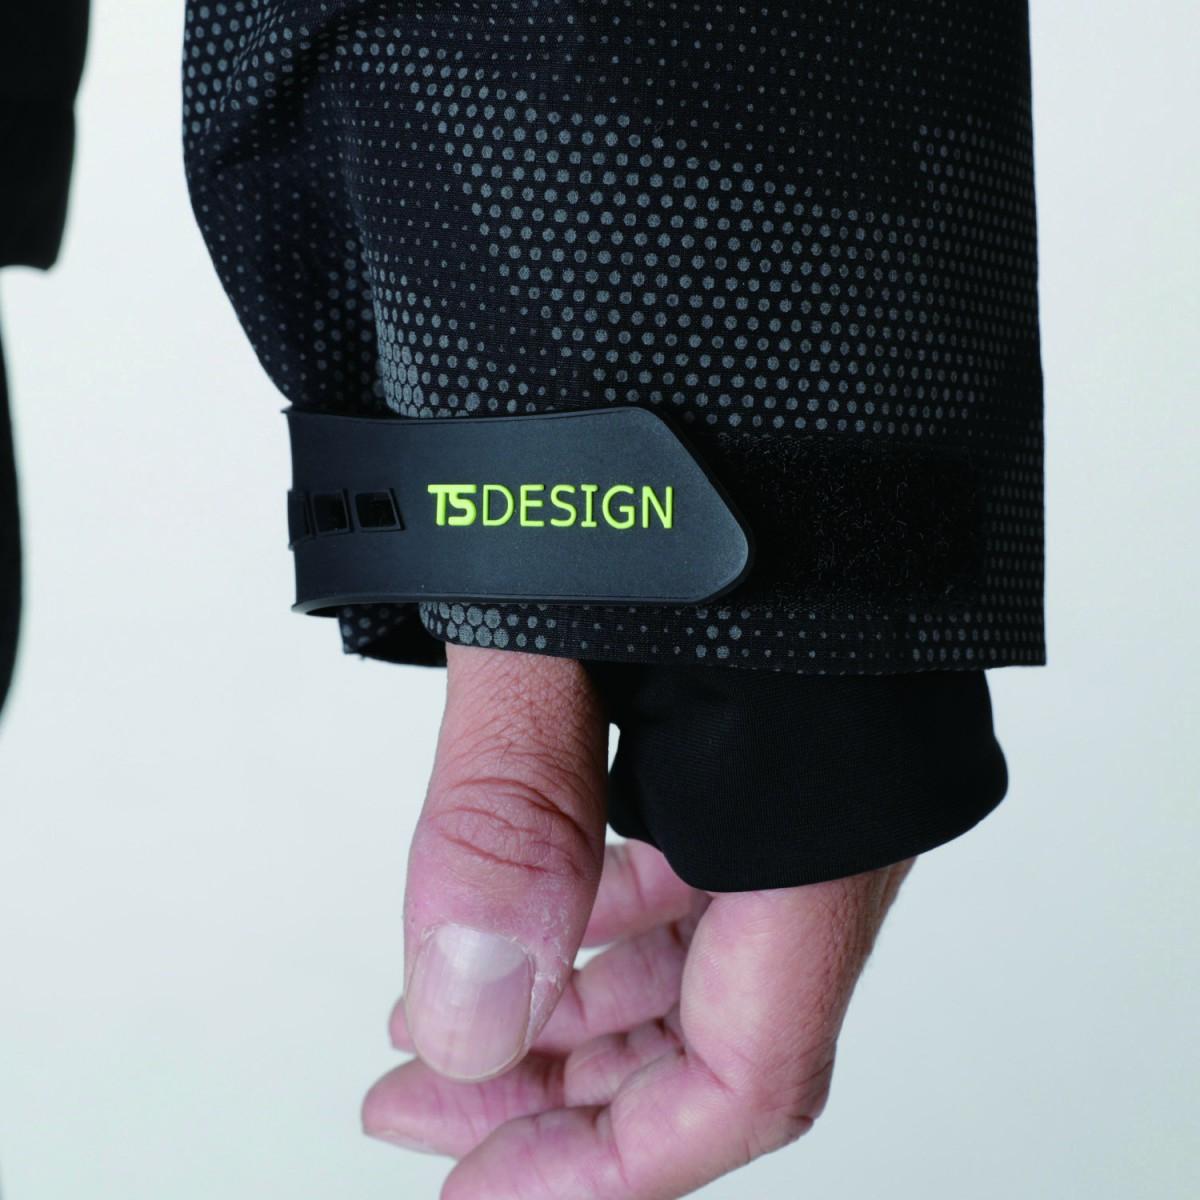 TS DESIGN  18236 メガヒートフラッシュ防水防寒ジャケット 袖にインナーグローブ付で手も暖かいです。